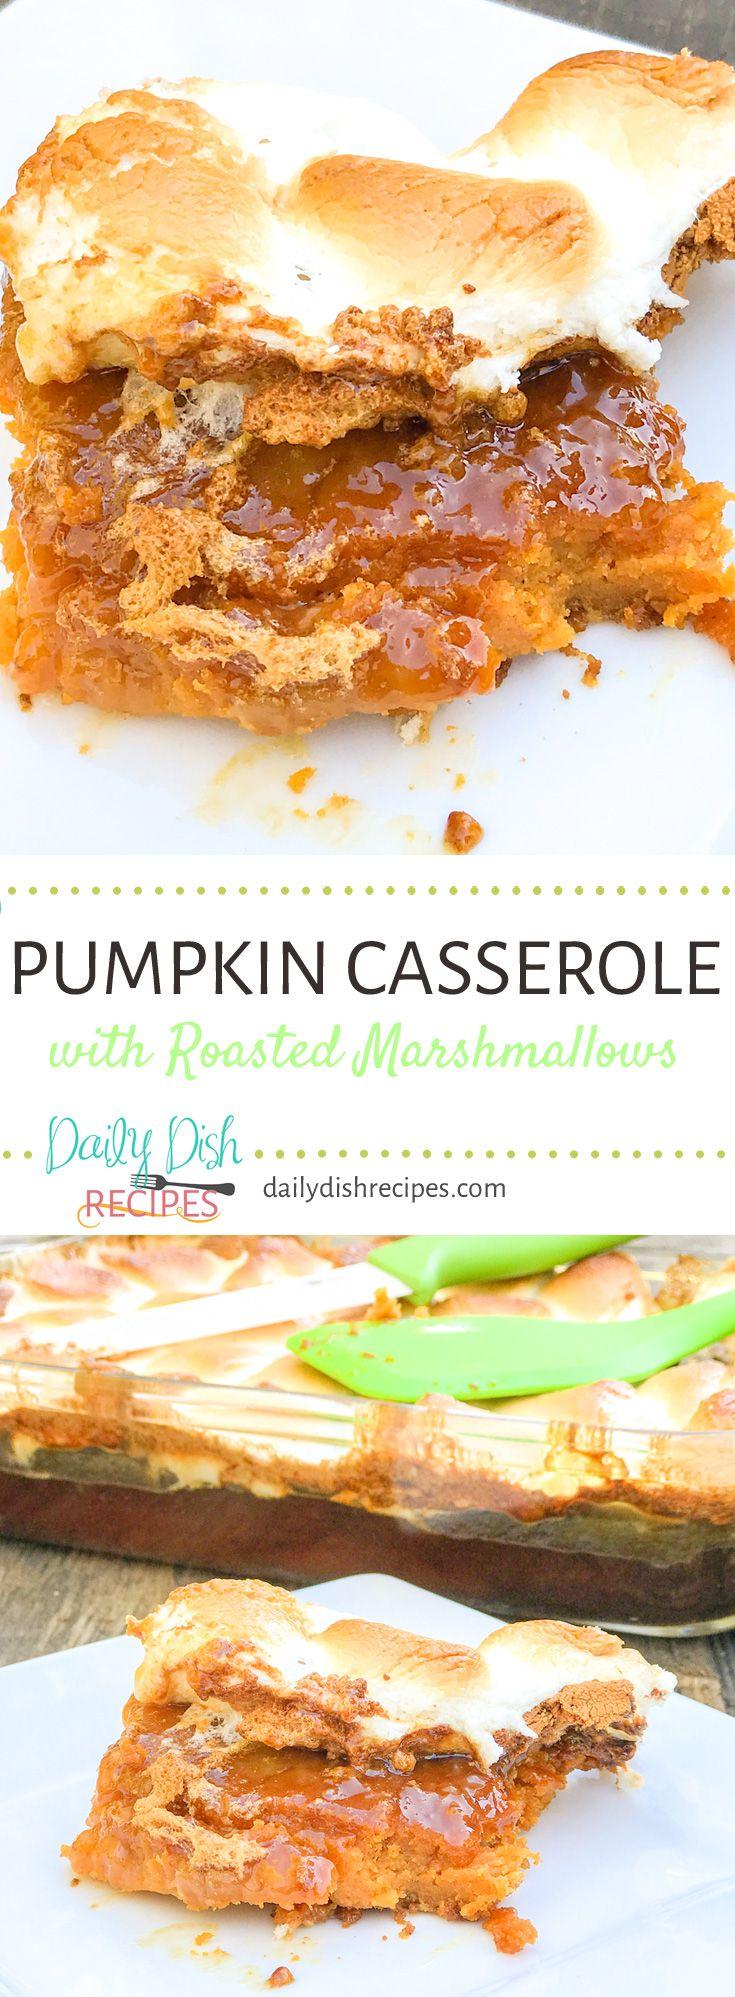 Pumpkin Casserole with Roasted Marshmallows #pumpk…